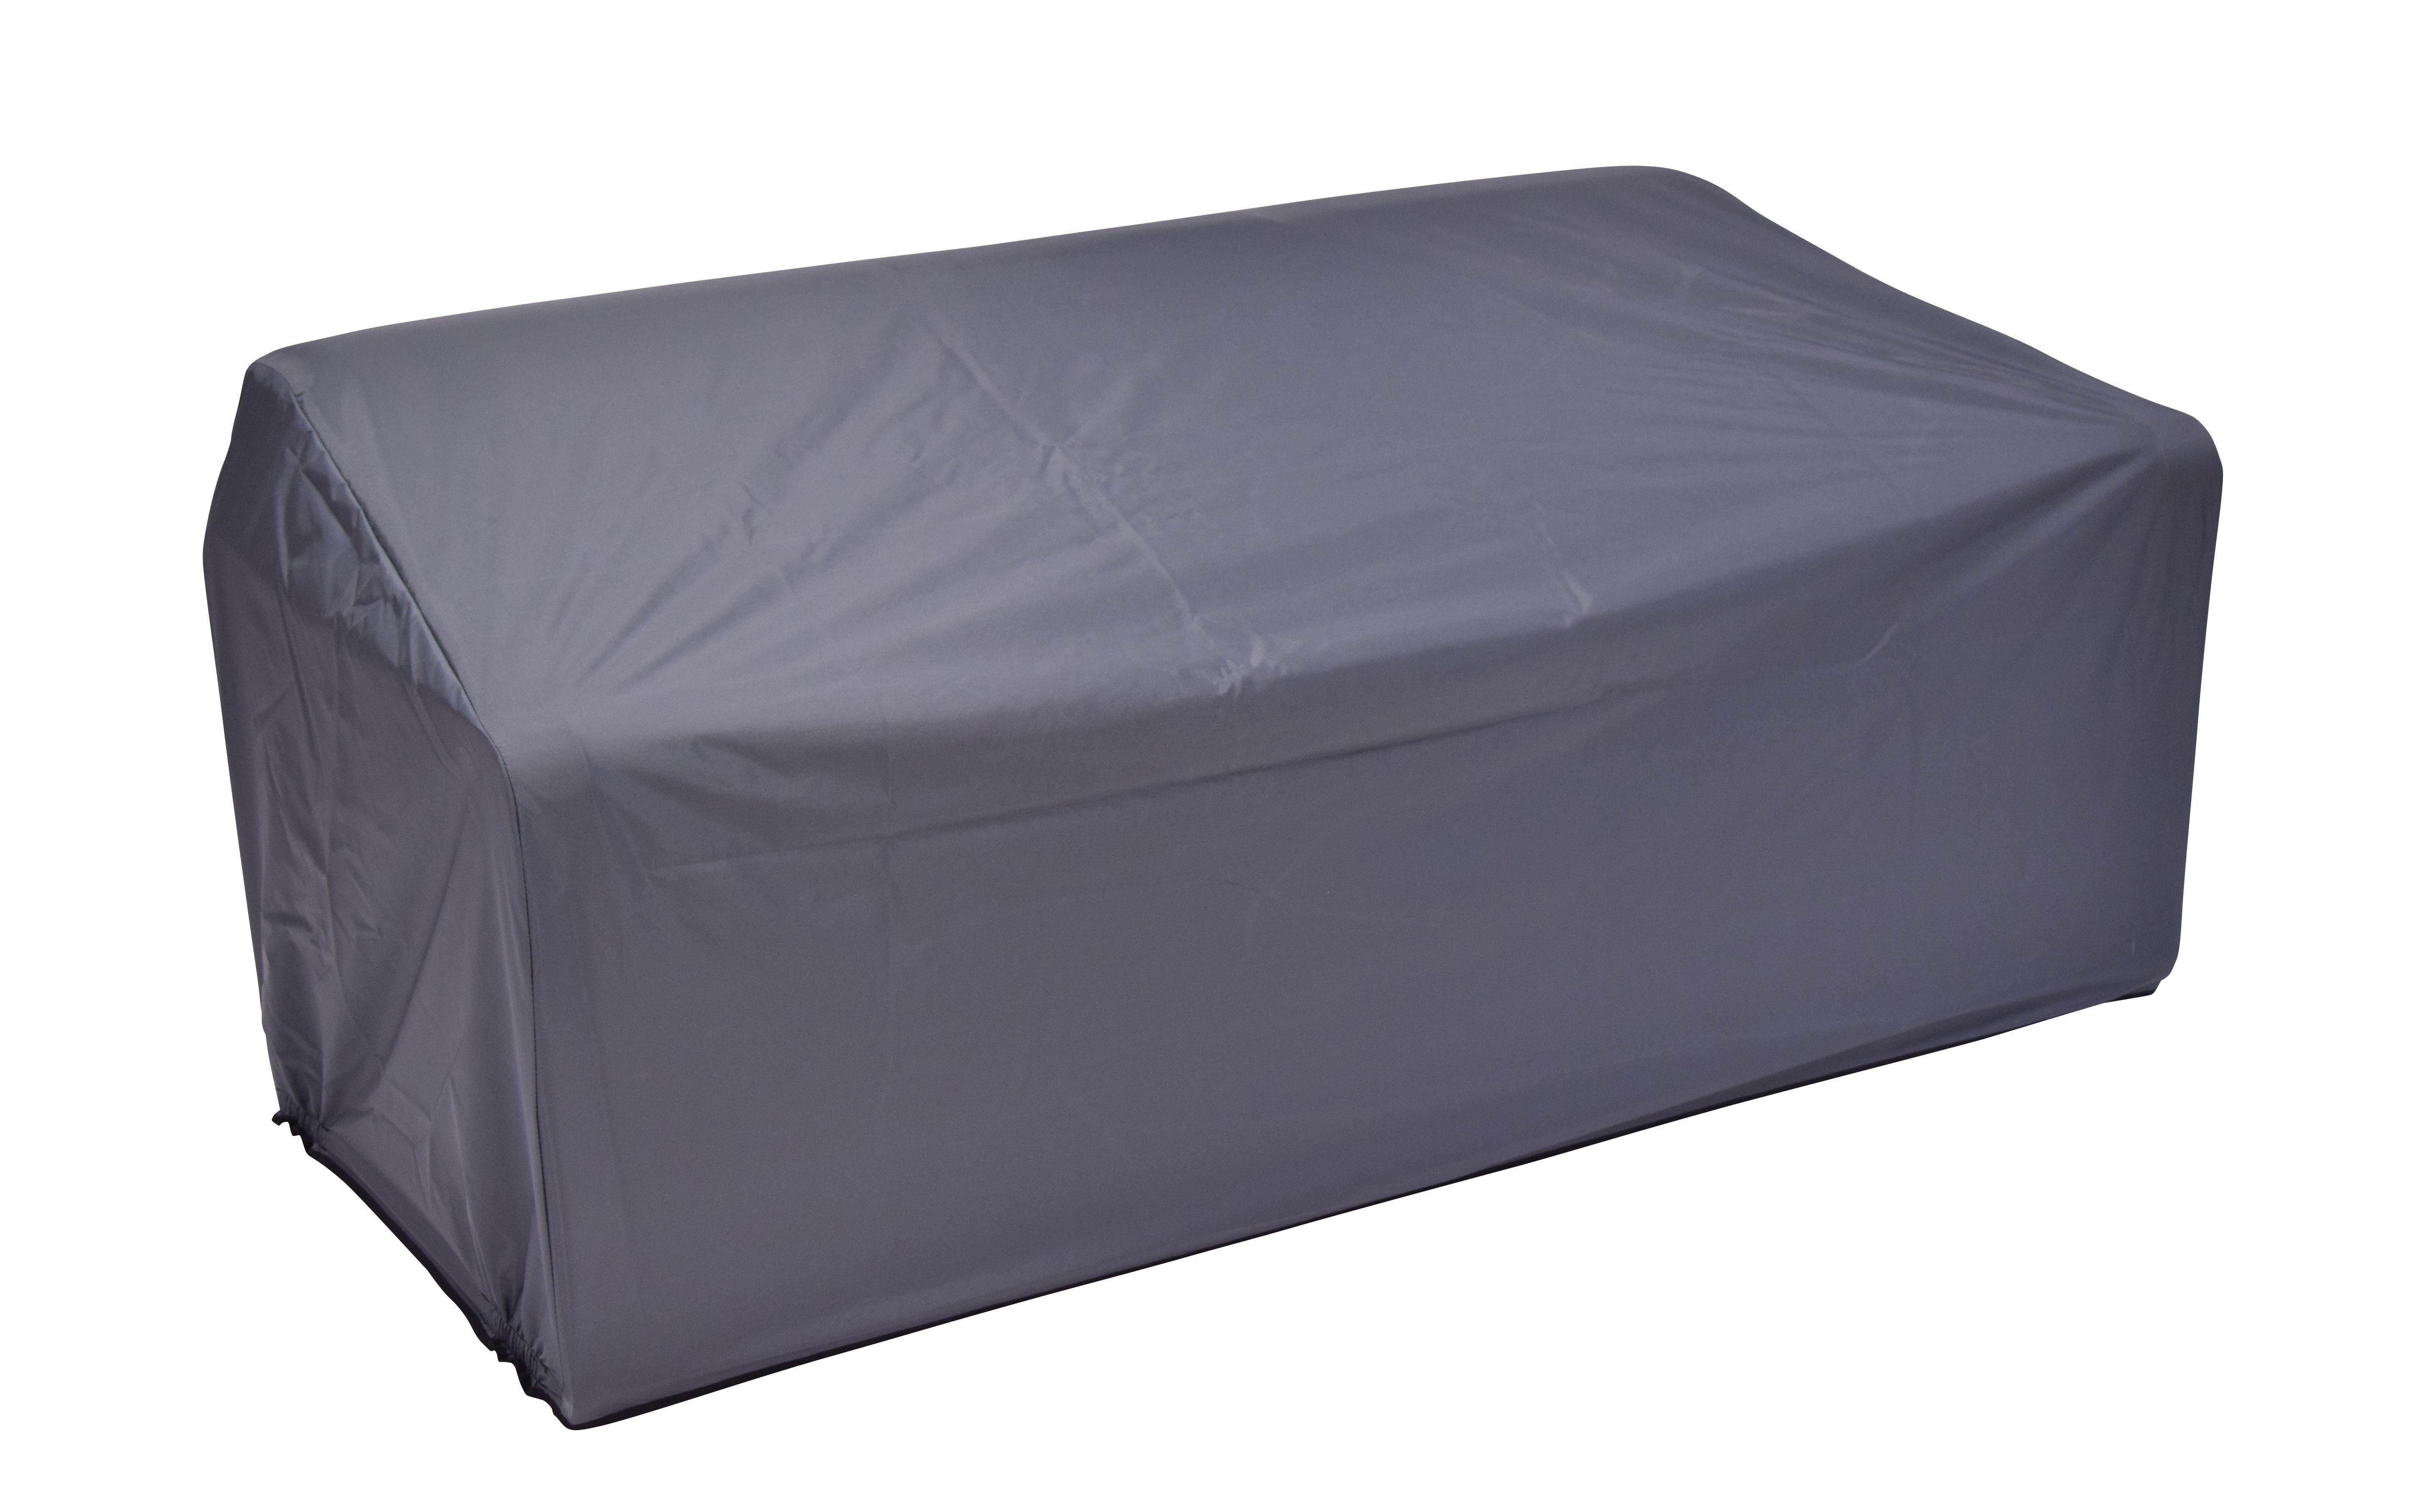 housse de protection pour canap bellevie carbone fermob. Black Bedroom Furniture Sets. Home Design Ideas